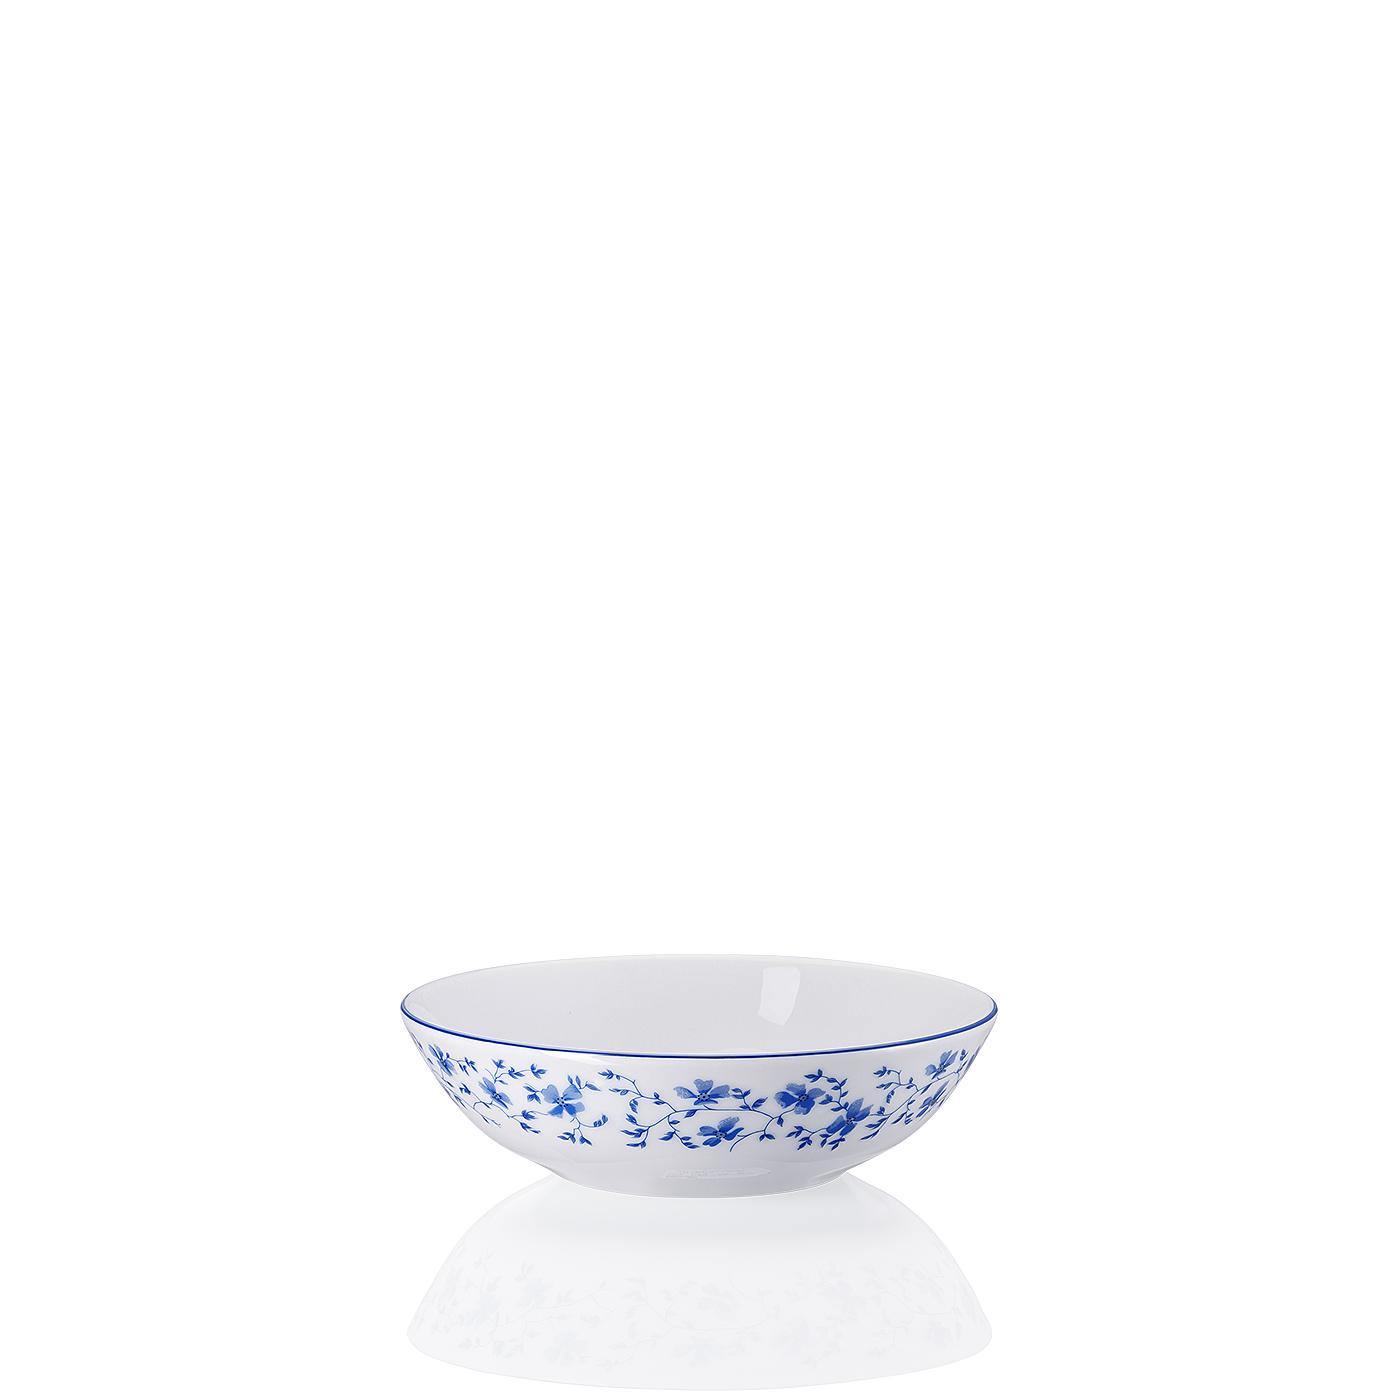 Dessertschale 16 cm Form 1382 Blaublüten Arzberg